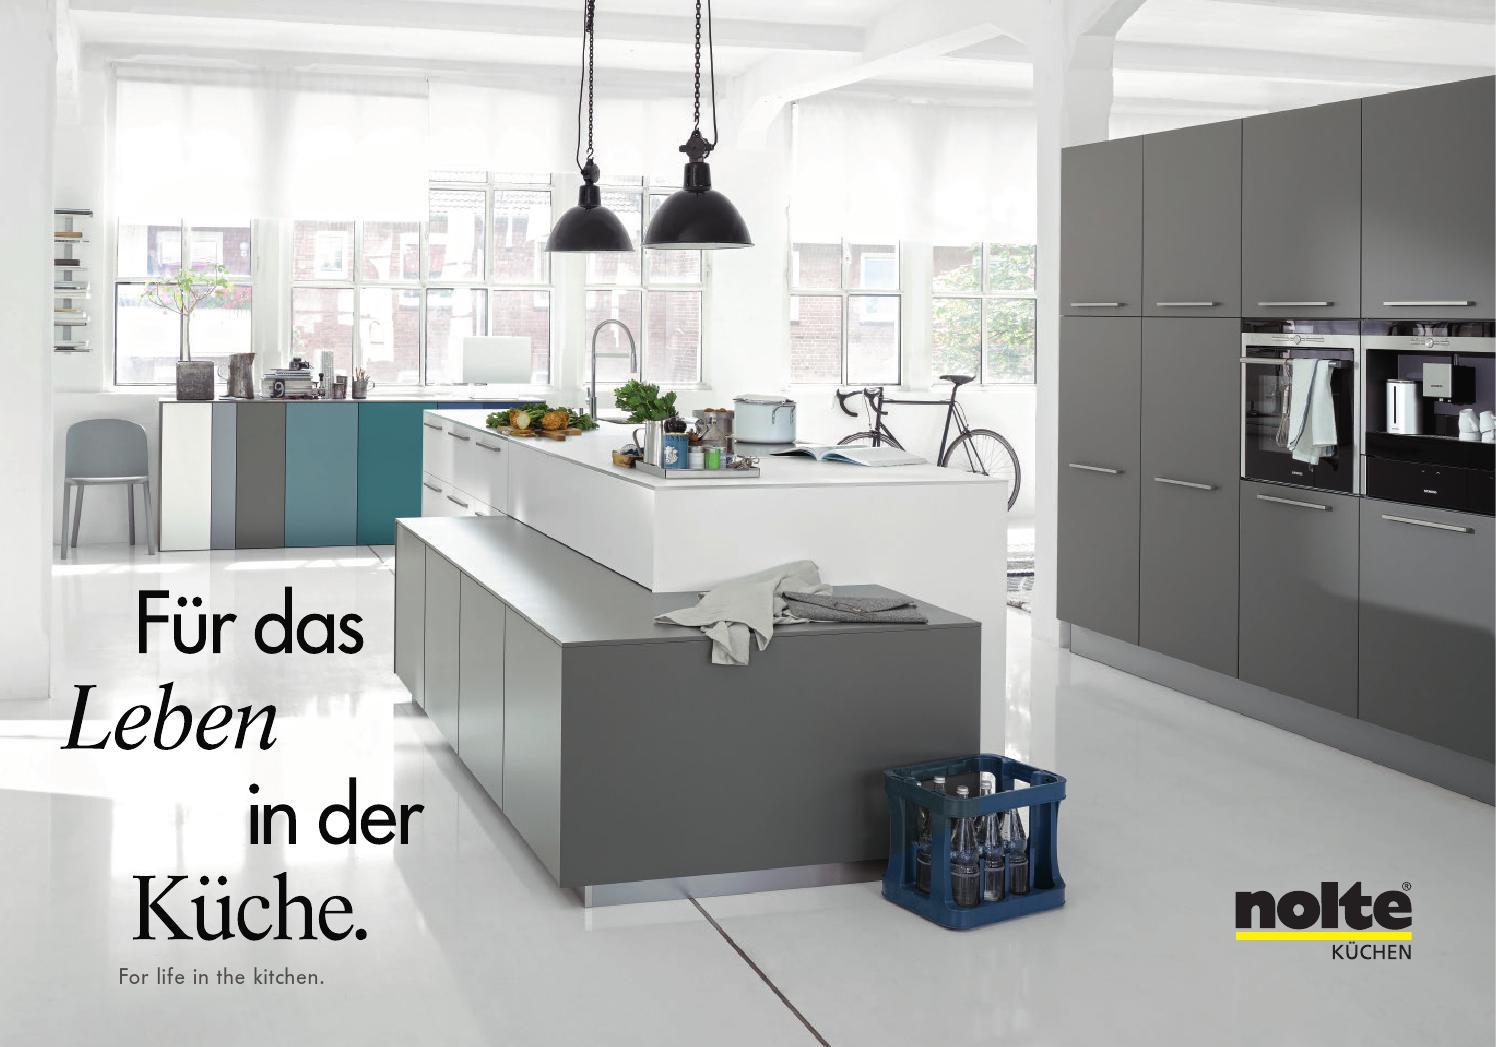 Nolte küchen 2016 by reikem gbr   issuu